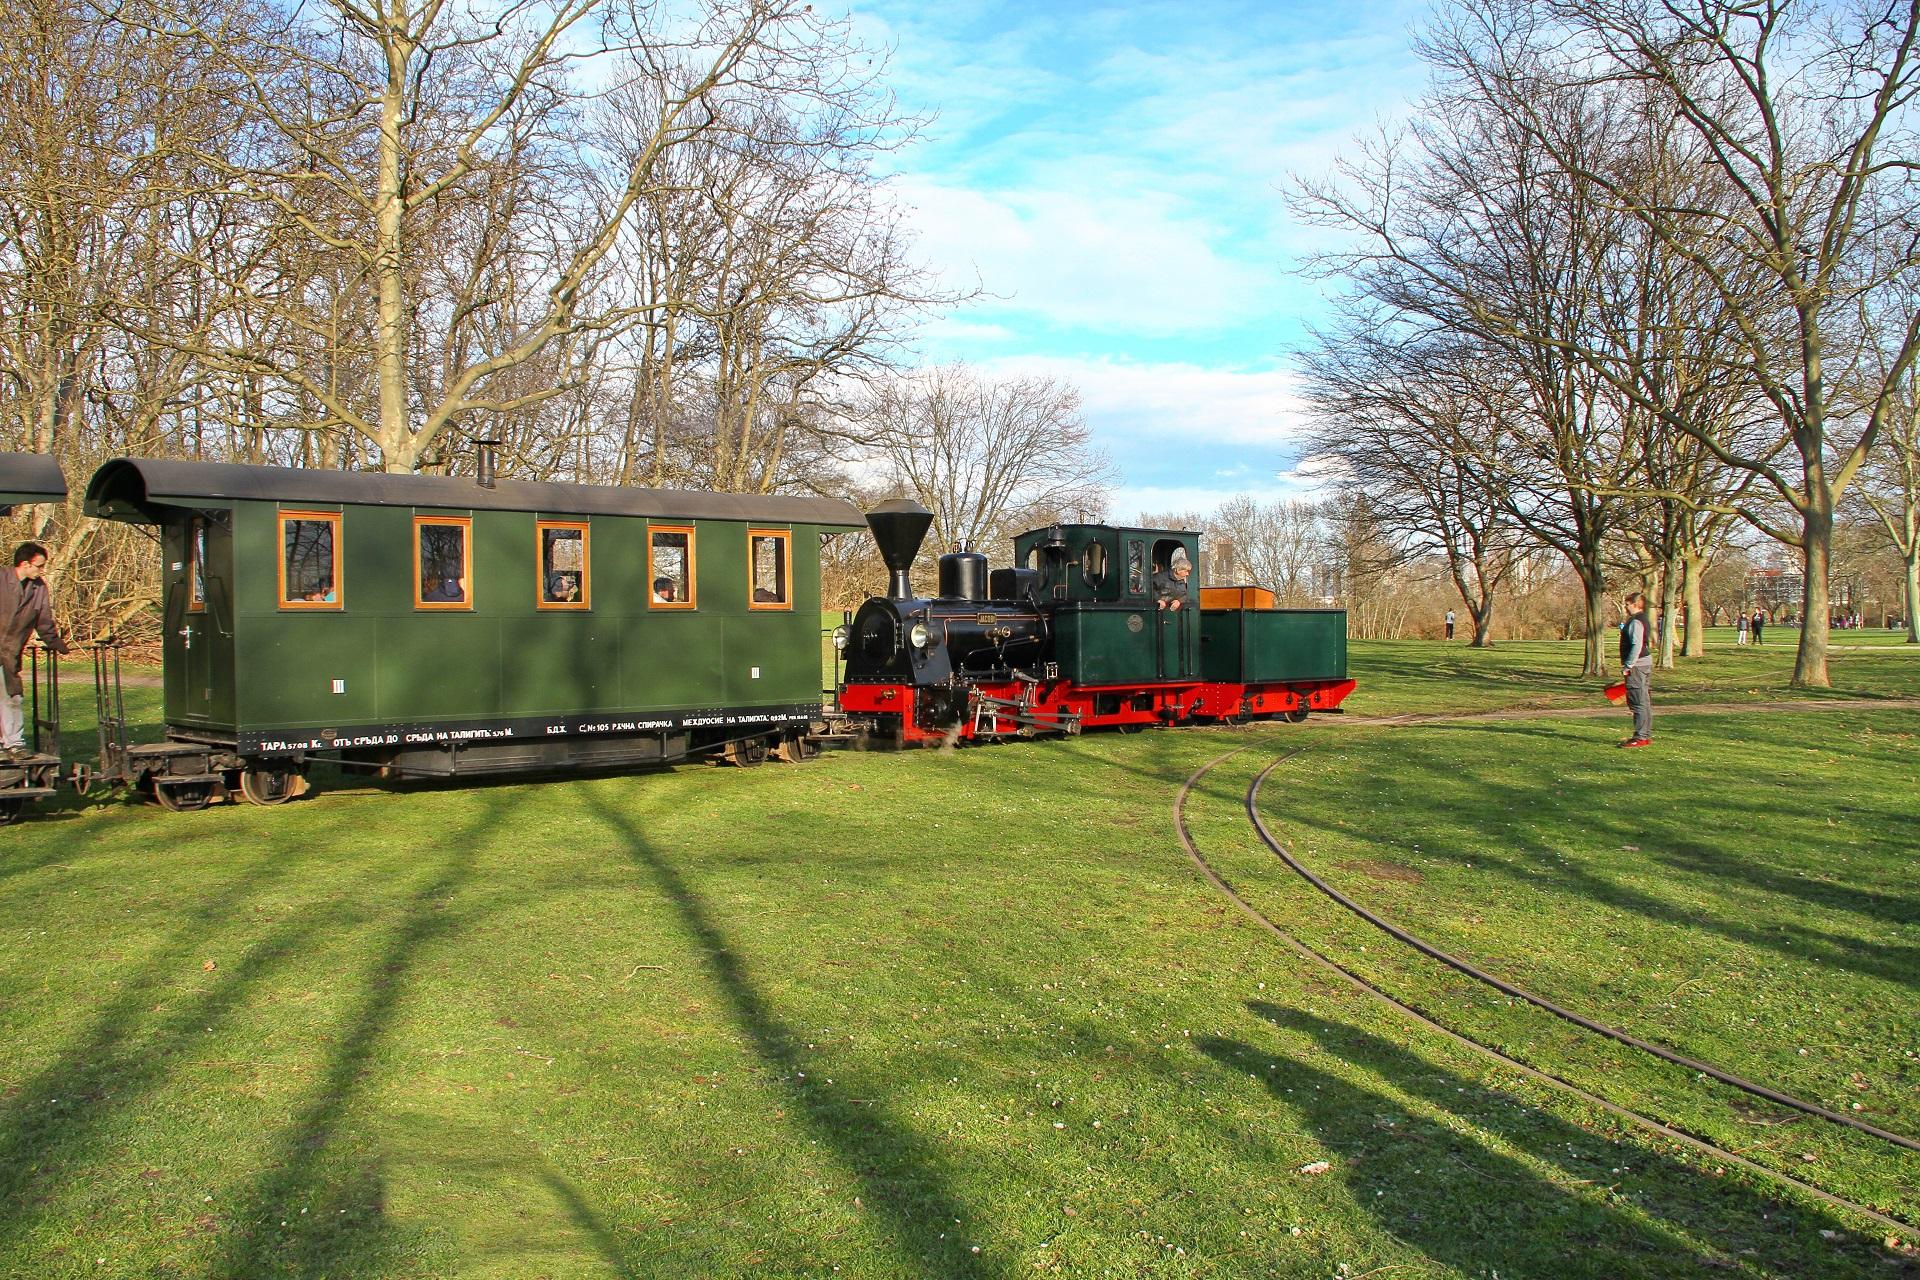 Lok 14 zieht mit ihrem Zug am Gleisdreick vorbei